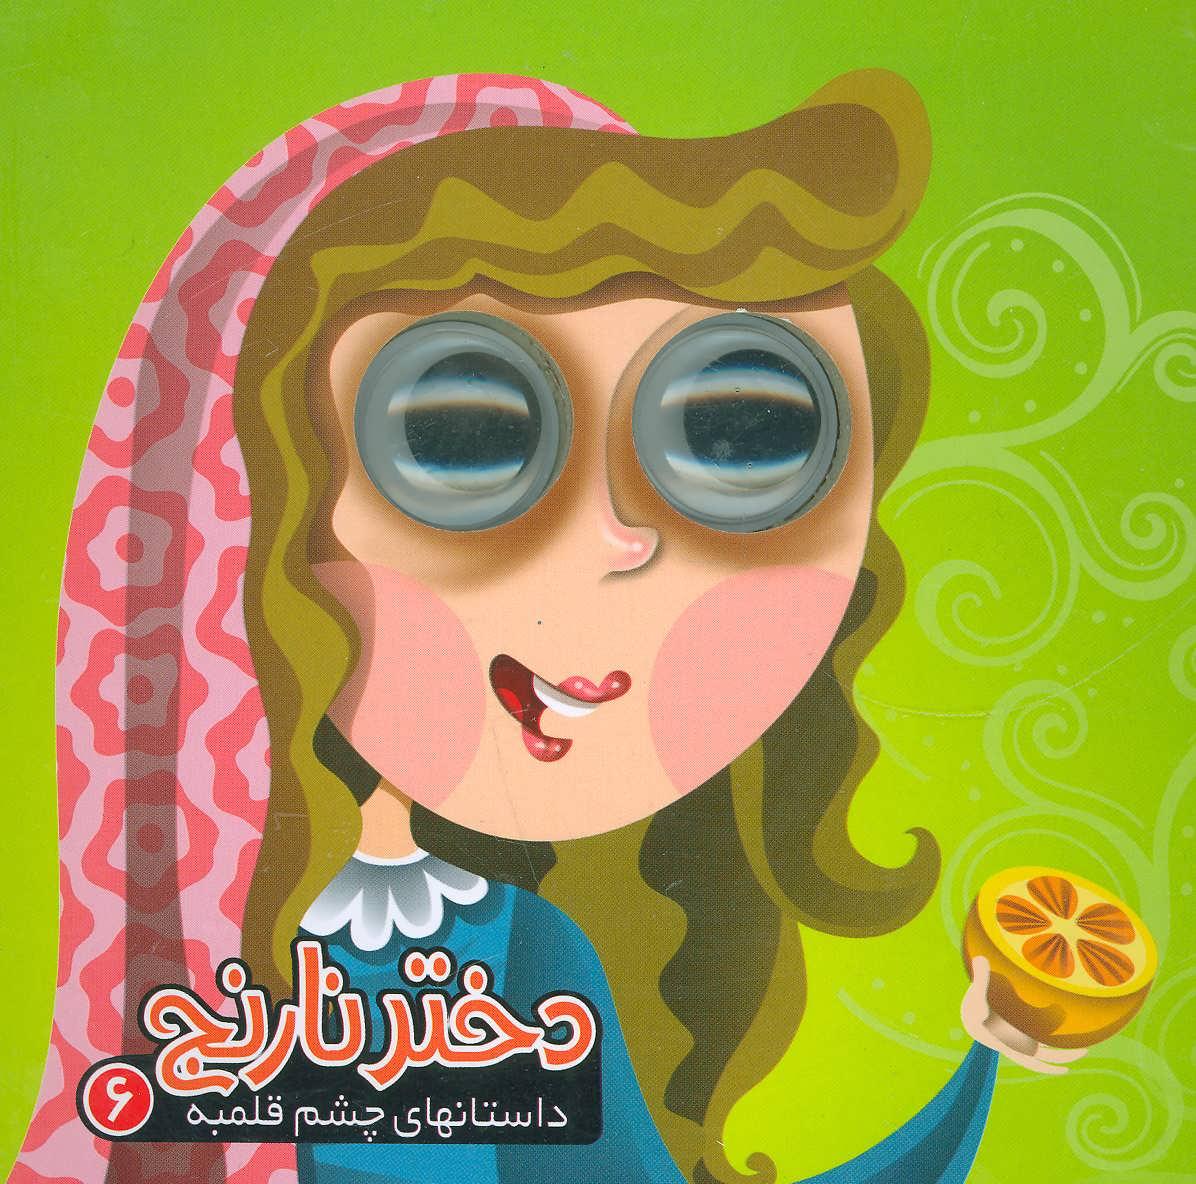 داستانهای چشم قلمبه 6 (دختر نارنج)،(گلاسه)